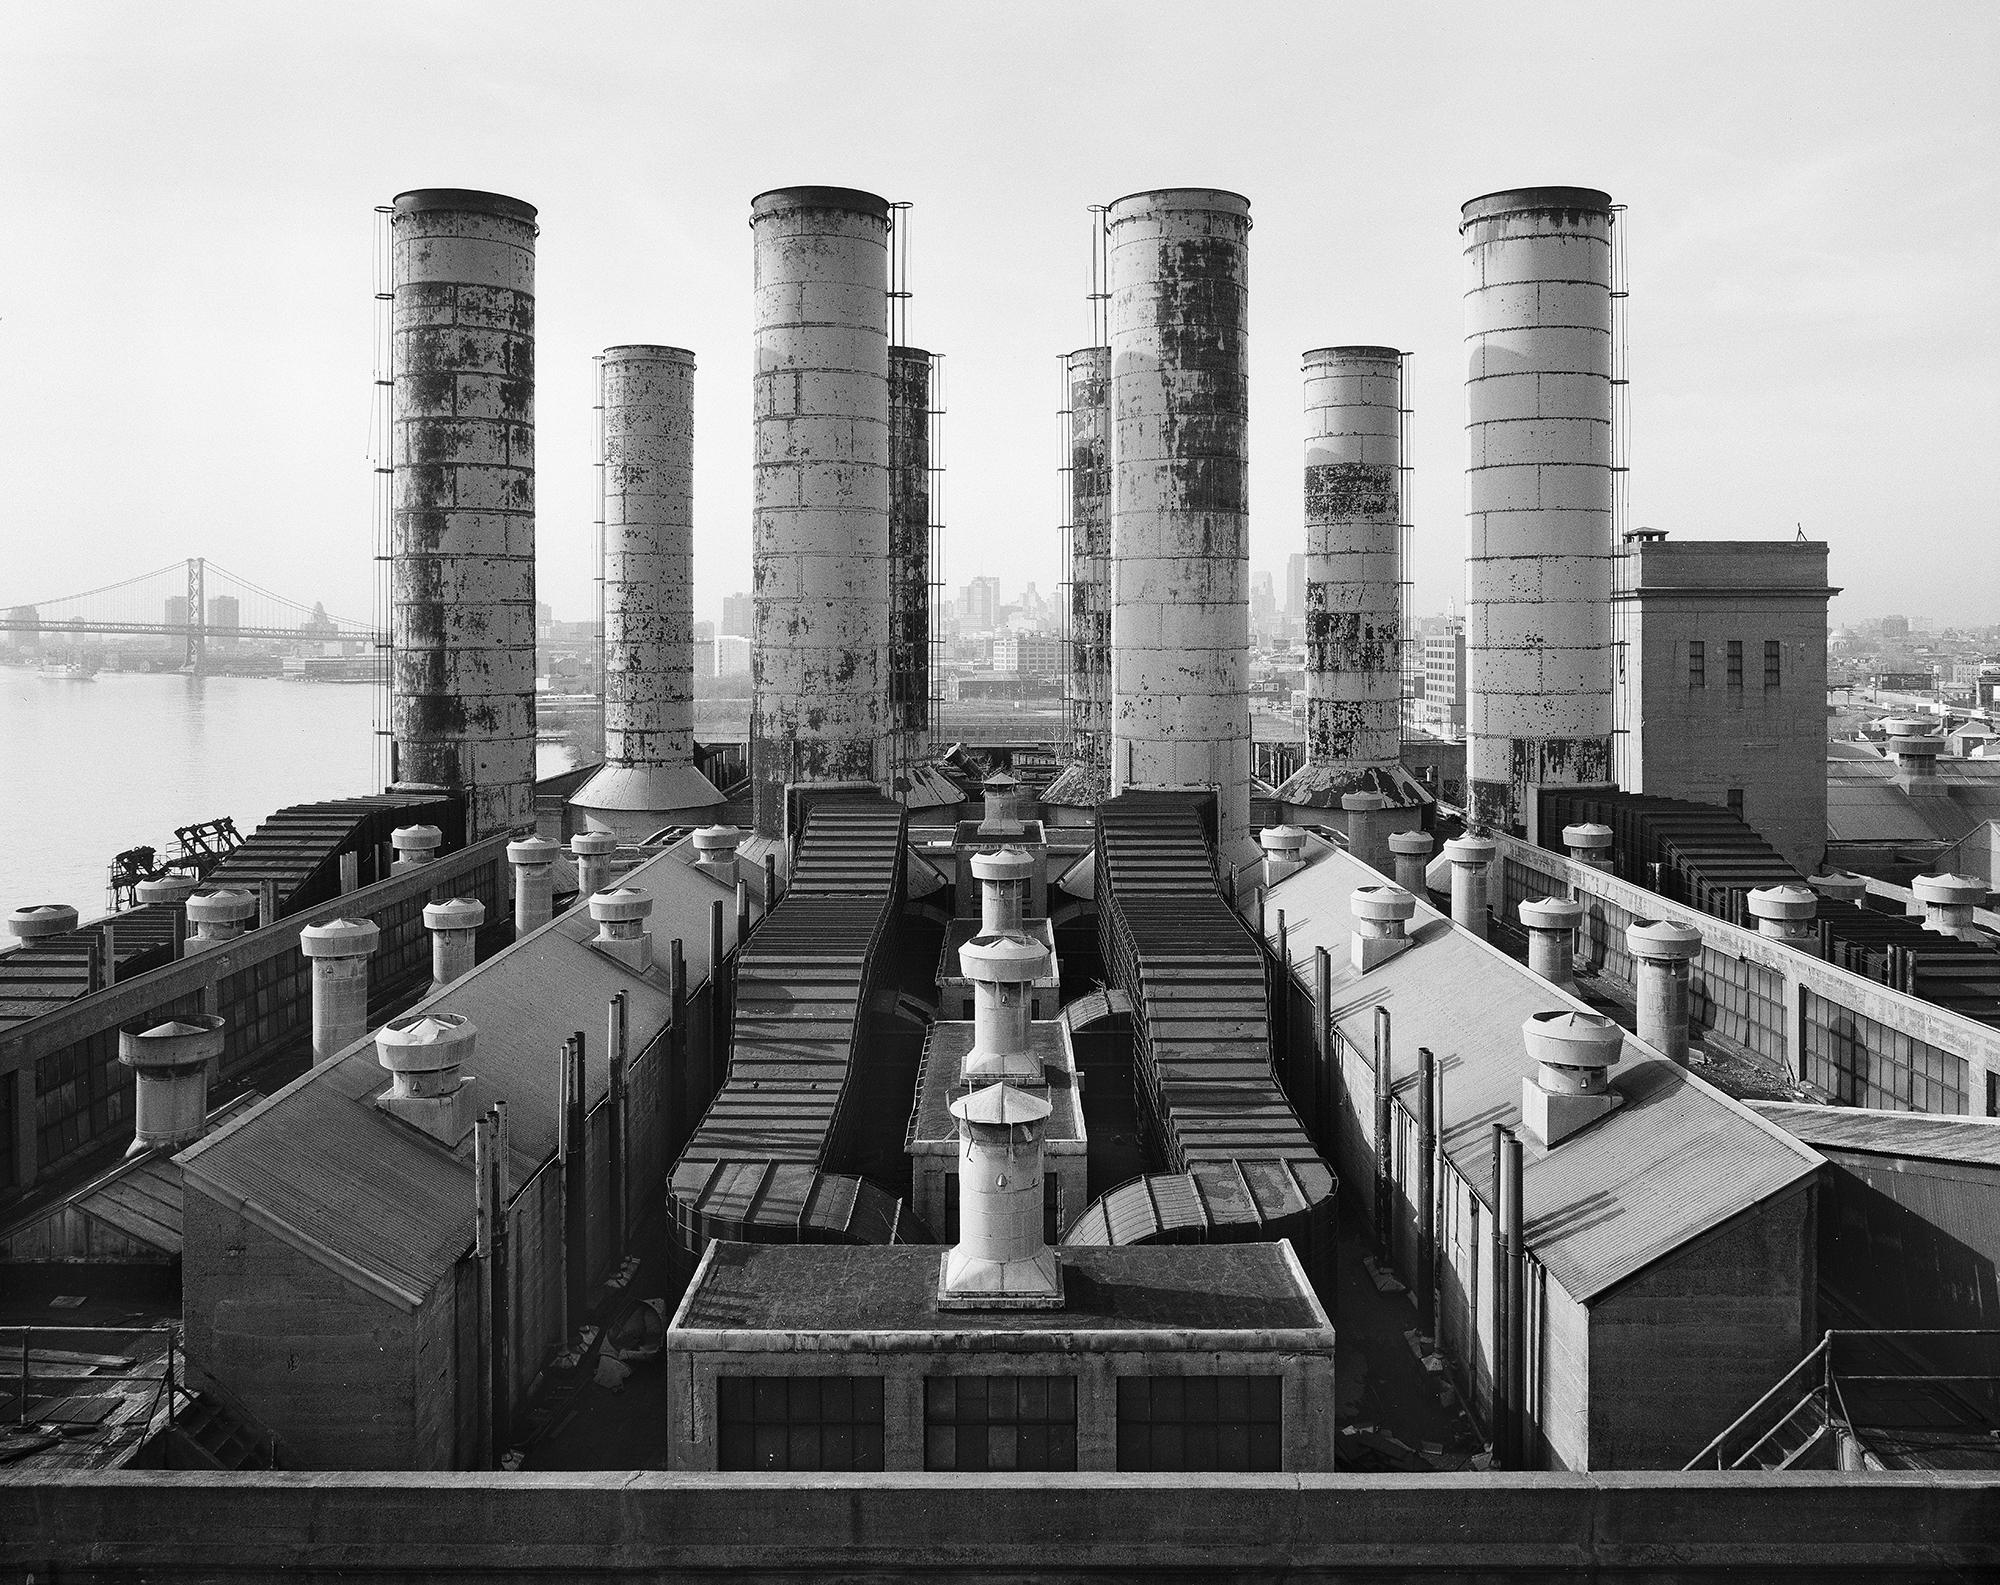 Delaware Station, Roofs of Boiler Houses.jpg